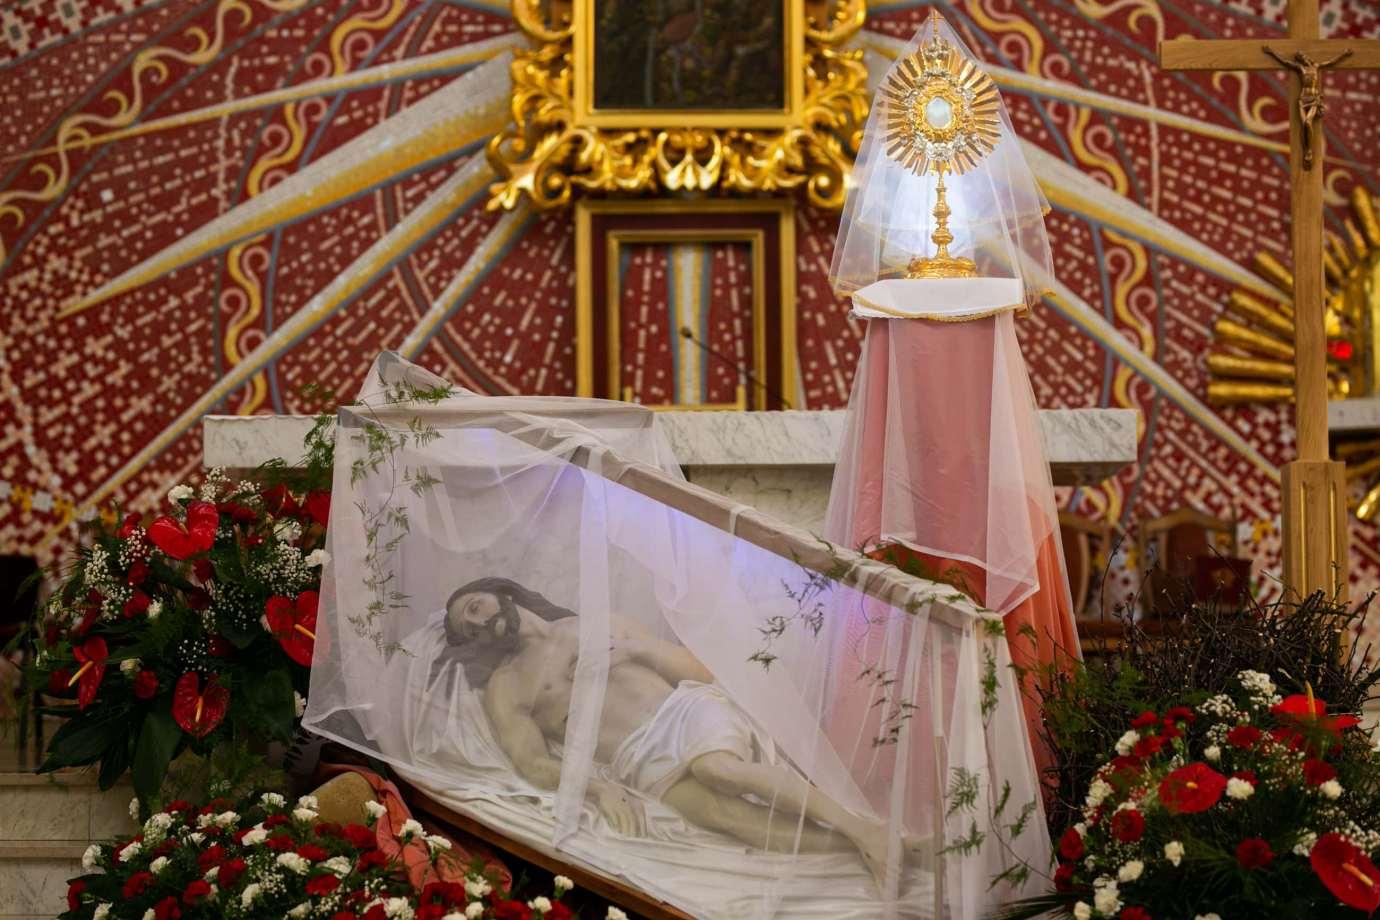 parafia pw matki bozej krolowej polski w zamosciu 6 Zdjęcia grobów pańskich w zamojskich świątyniach